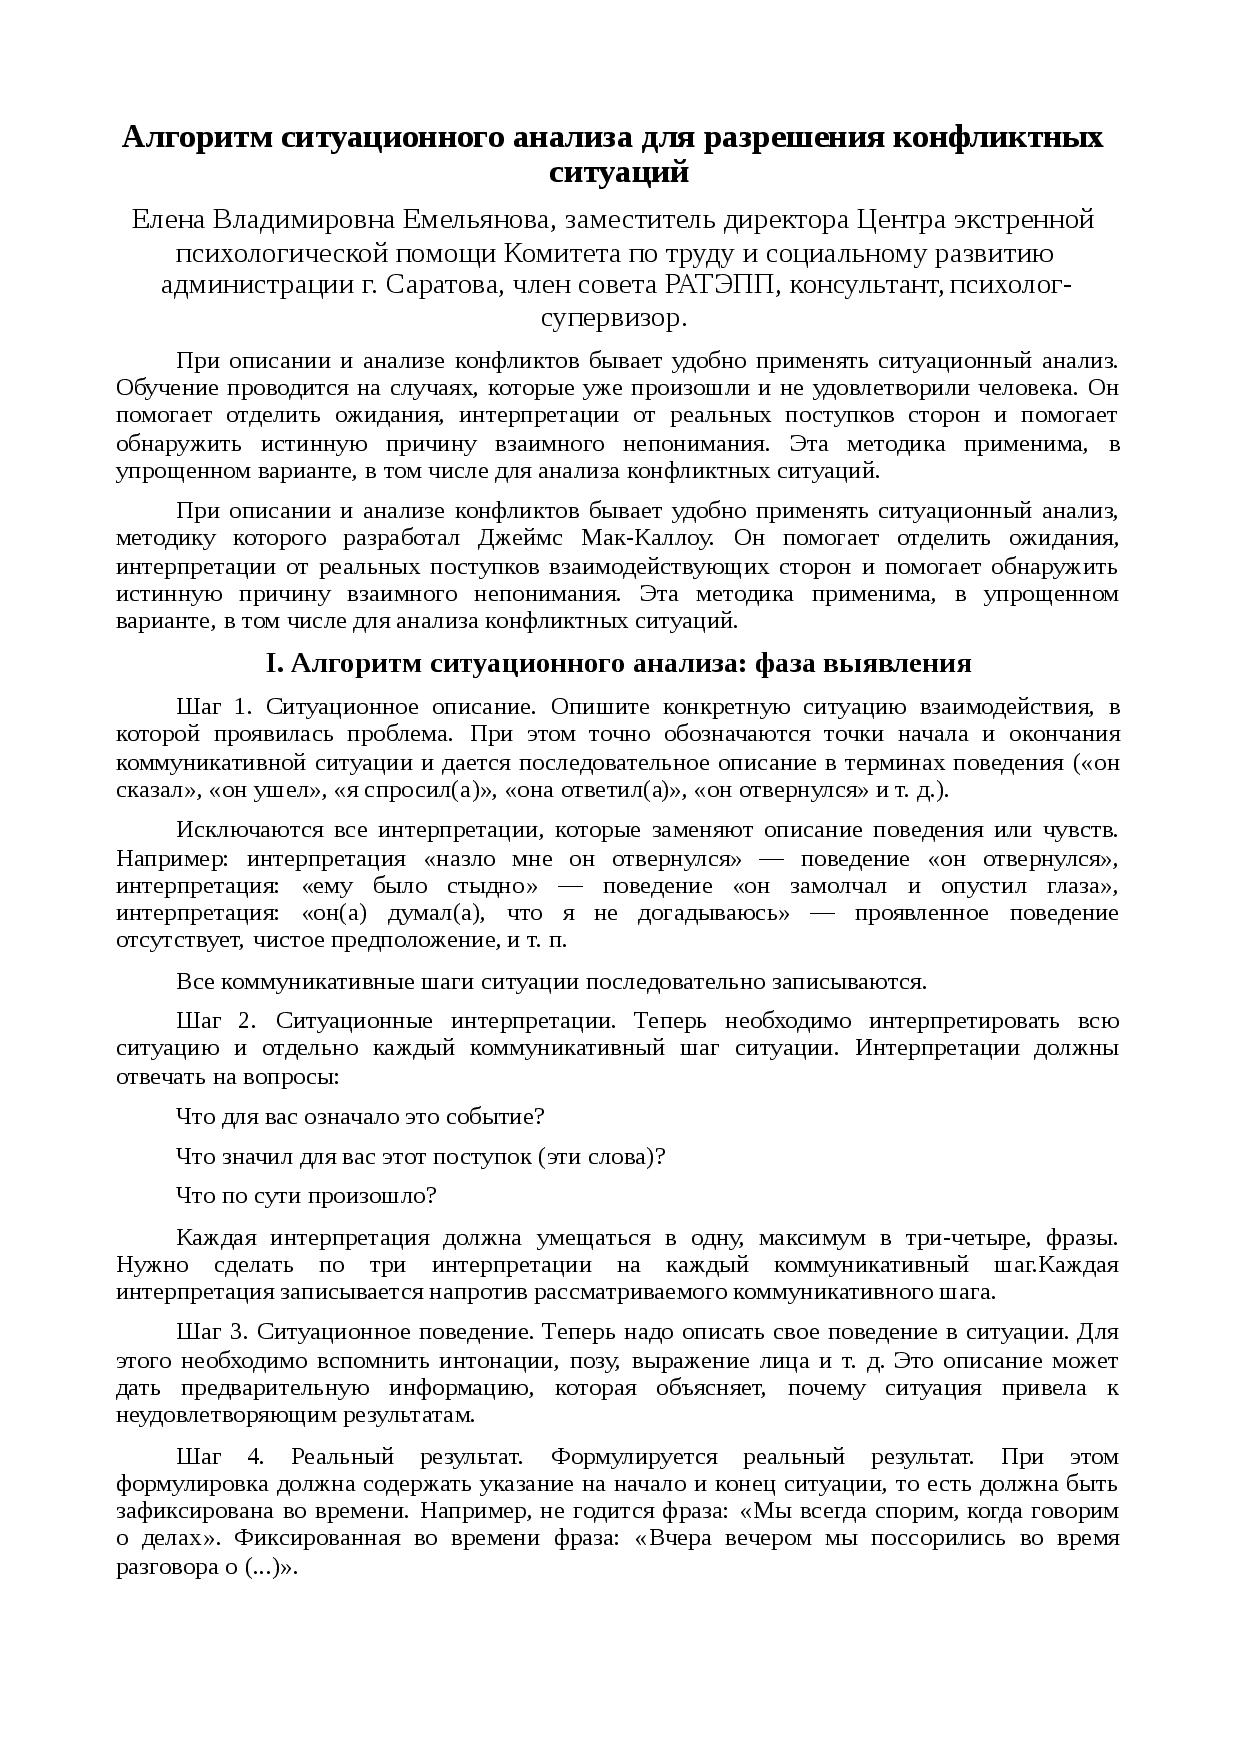 Как выйти из внутреннего конфликта. техника юнга